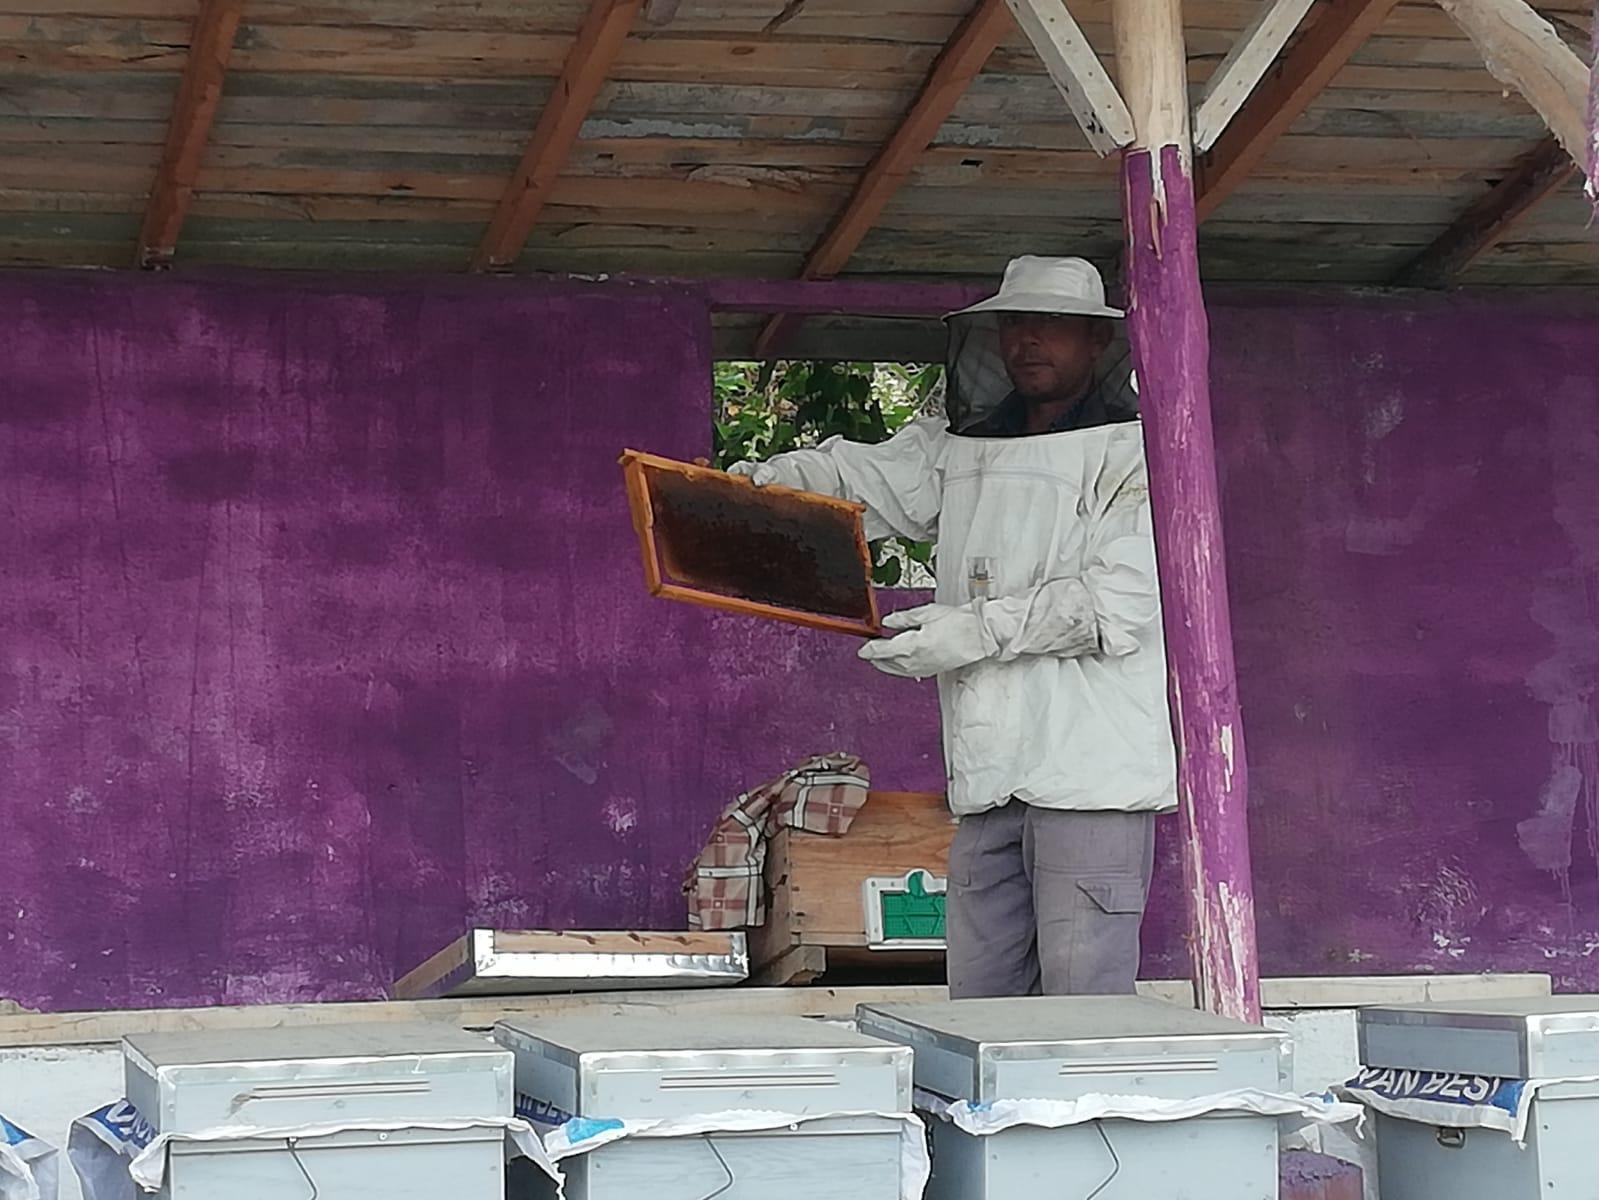 karaoklar organik ürünler çiftliği arı